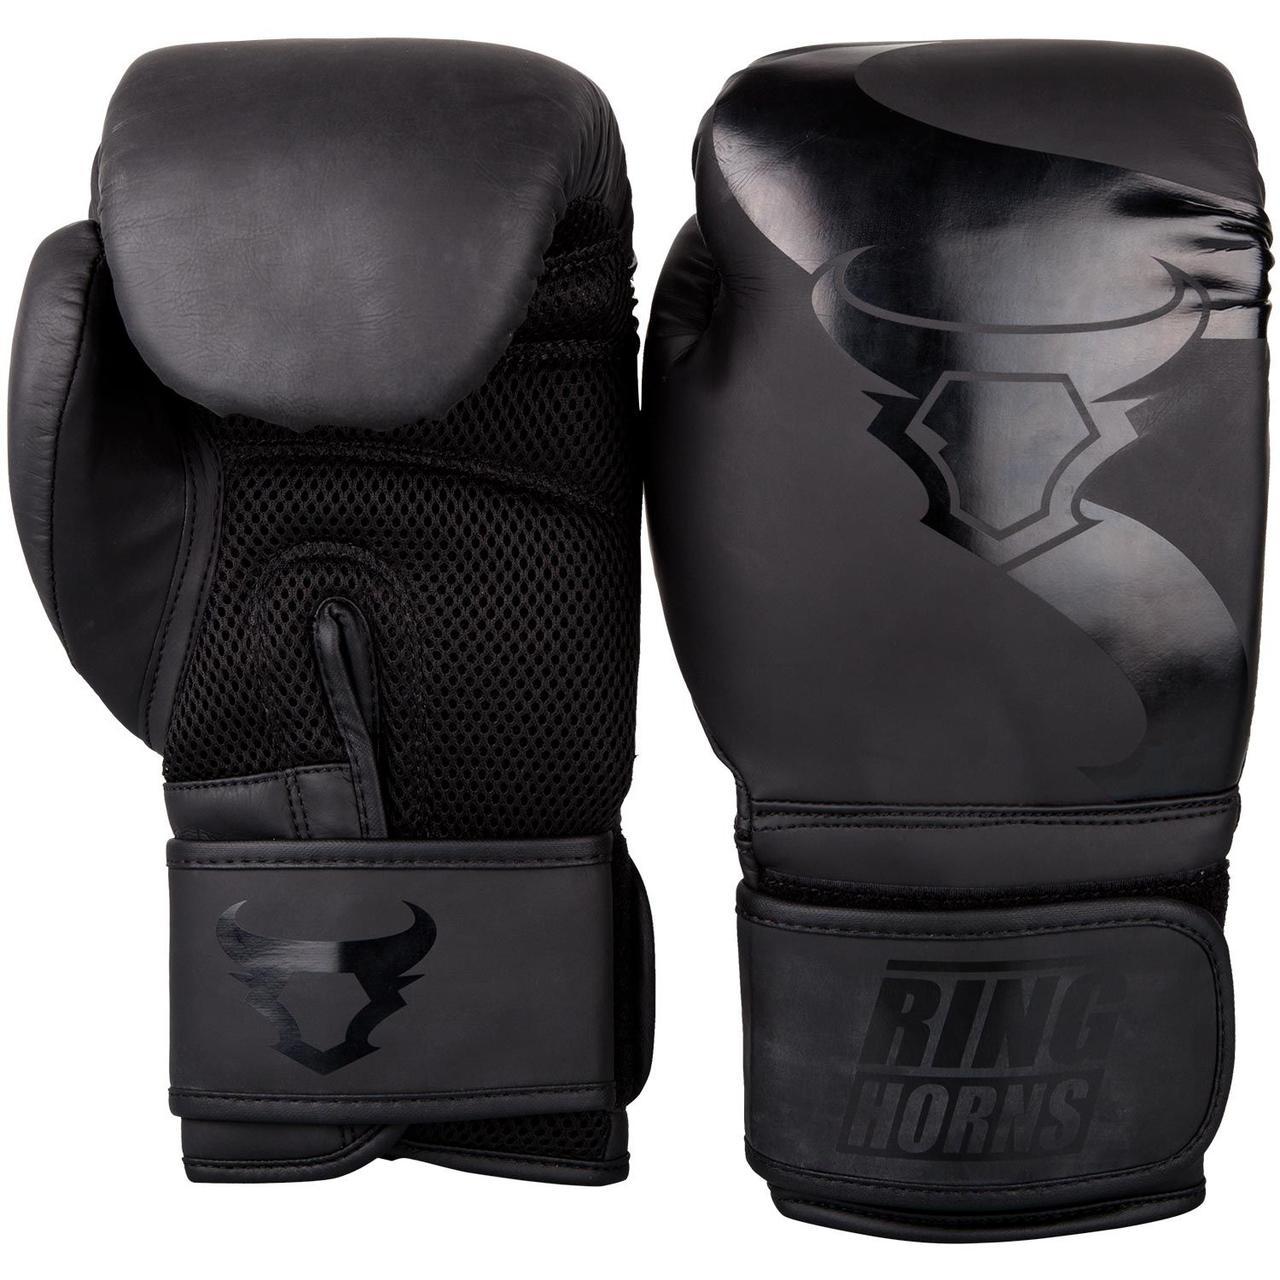 Боксерские перчатки Ringhorns Charger Черные